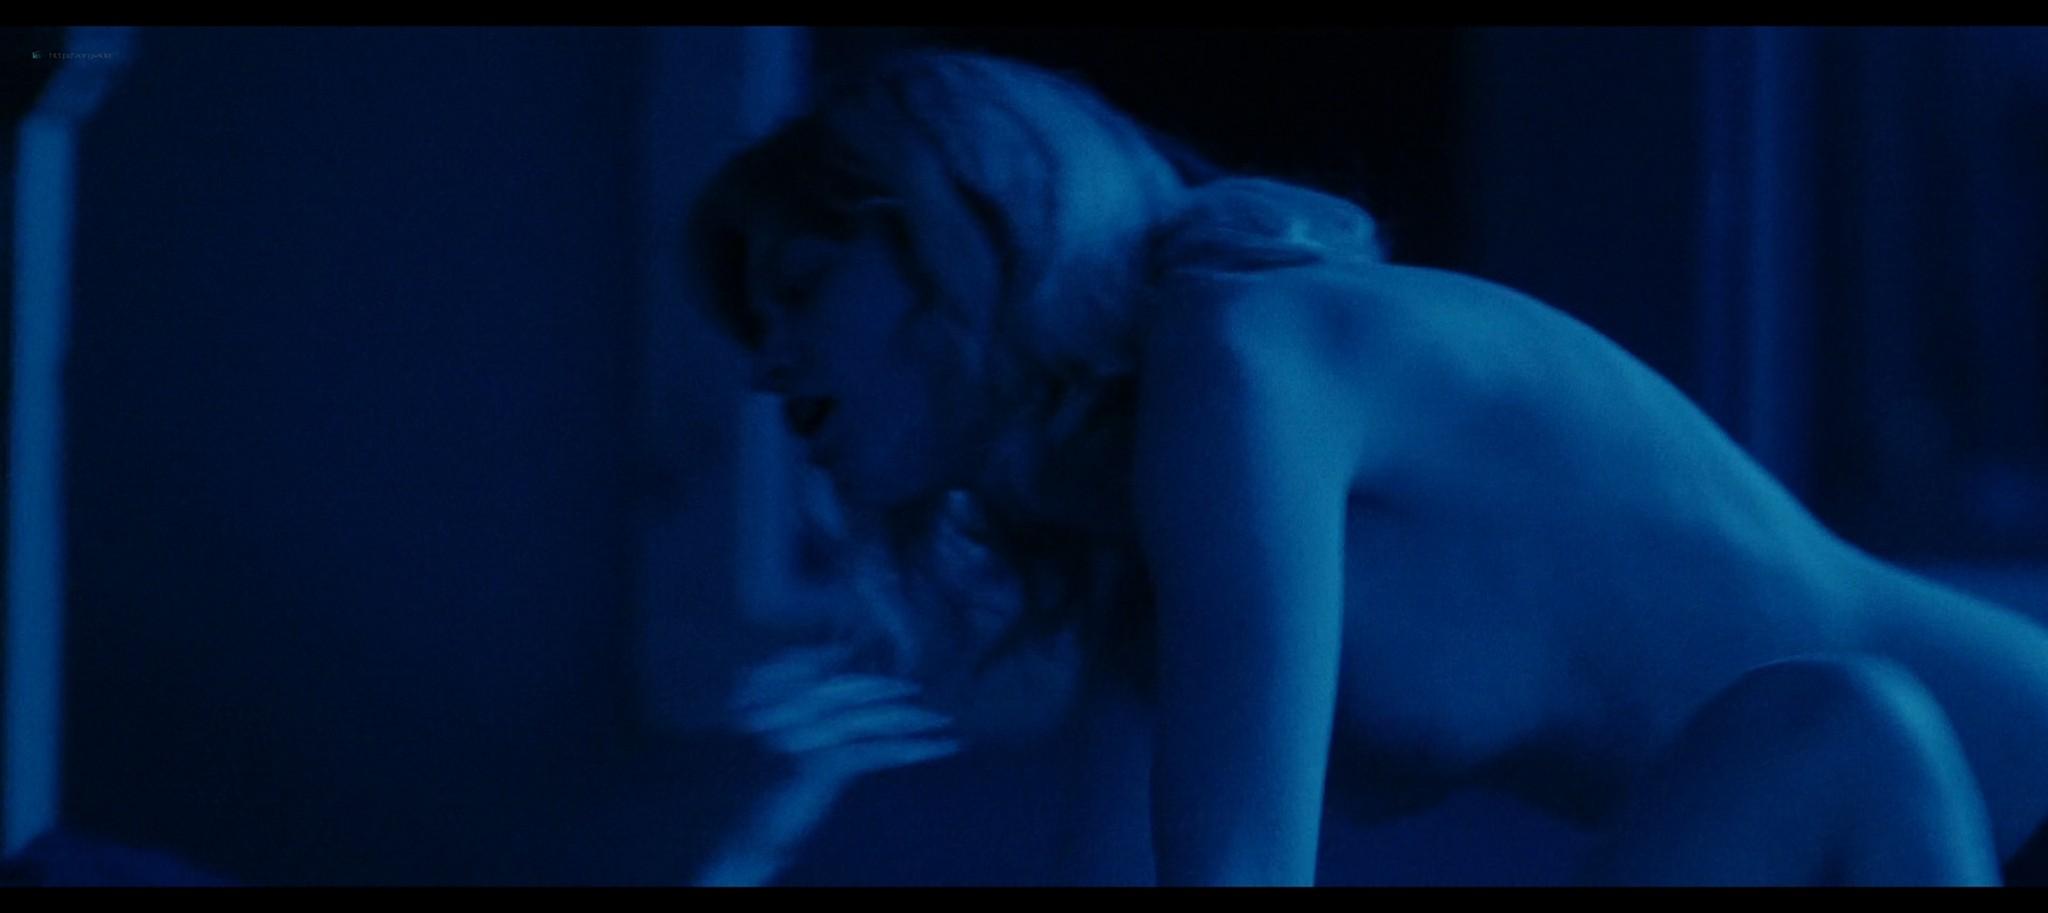 Anna Shields nude topless Rachel Finninger hot lesbian sex - Monstrous (2020) HD 1080p Web (3)